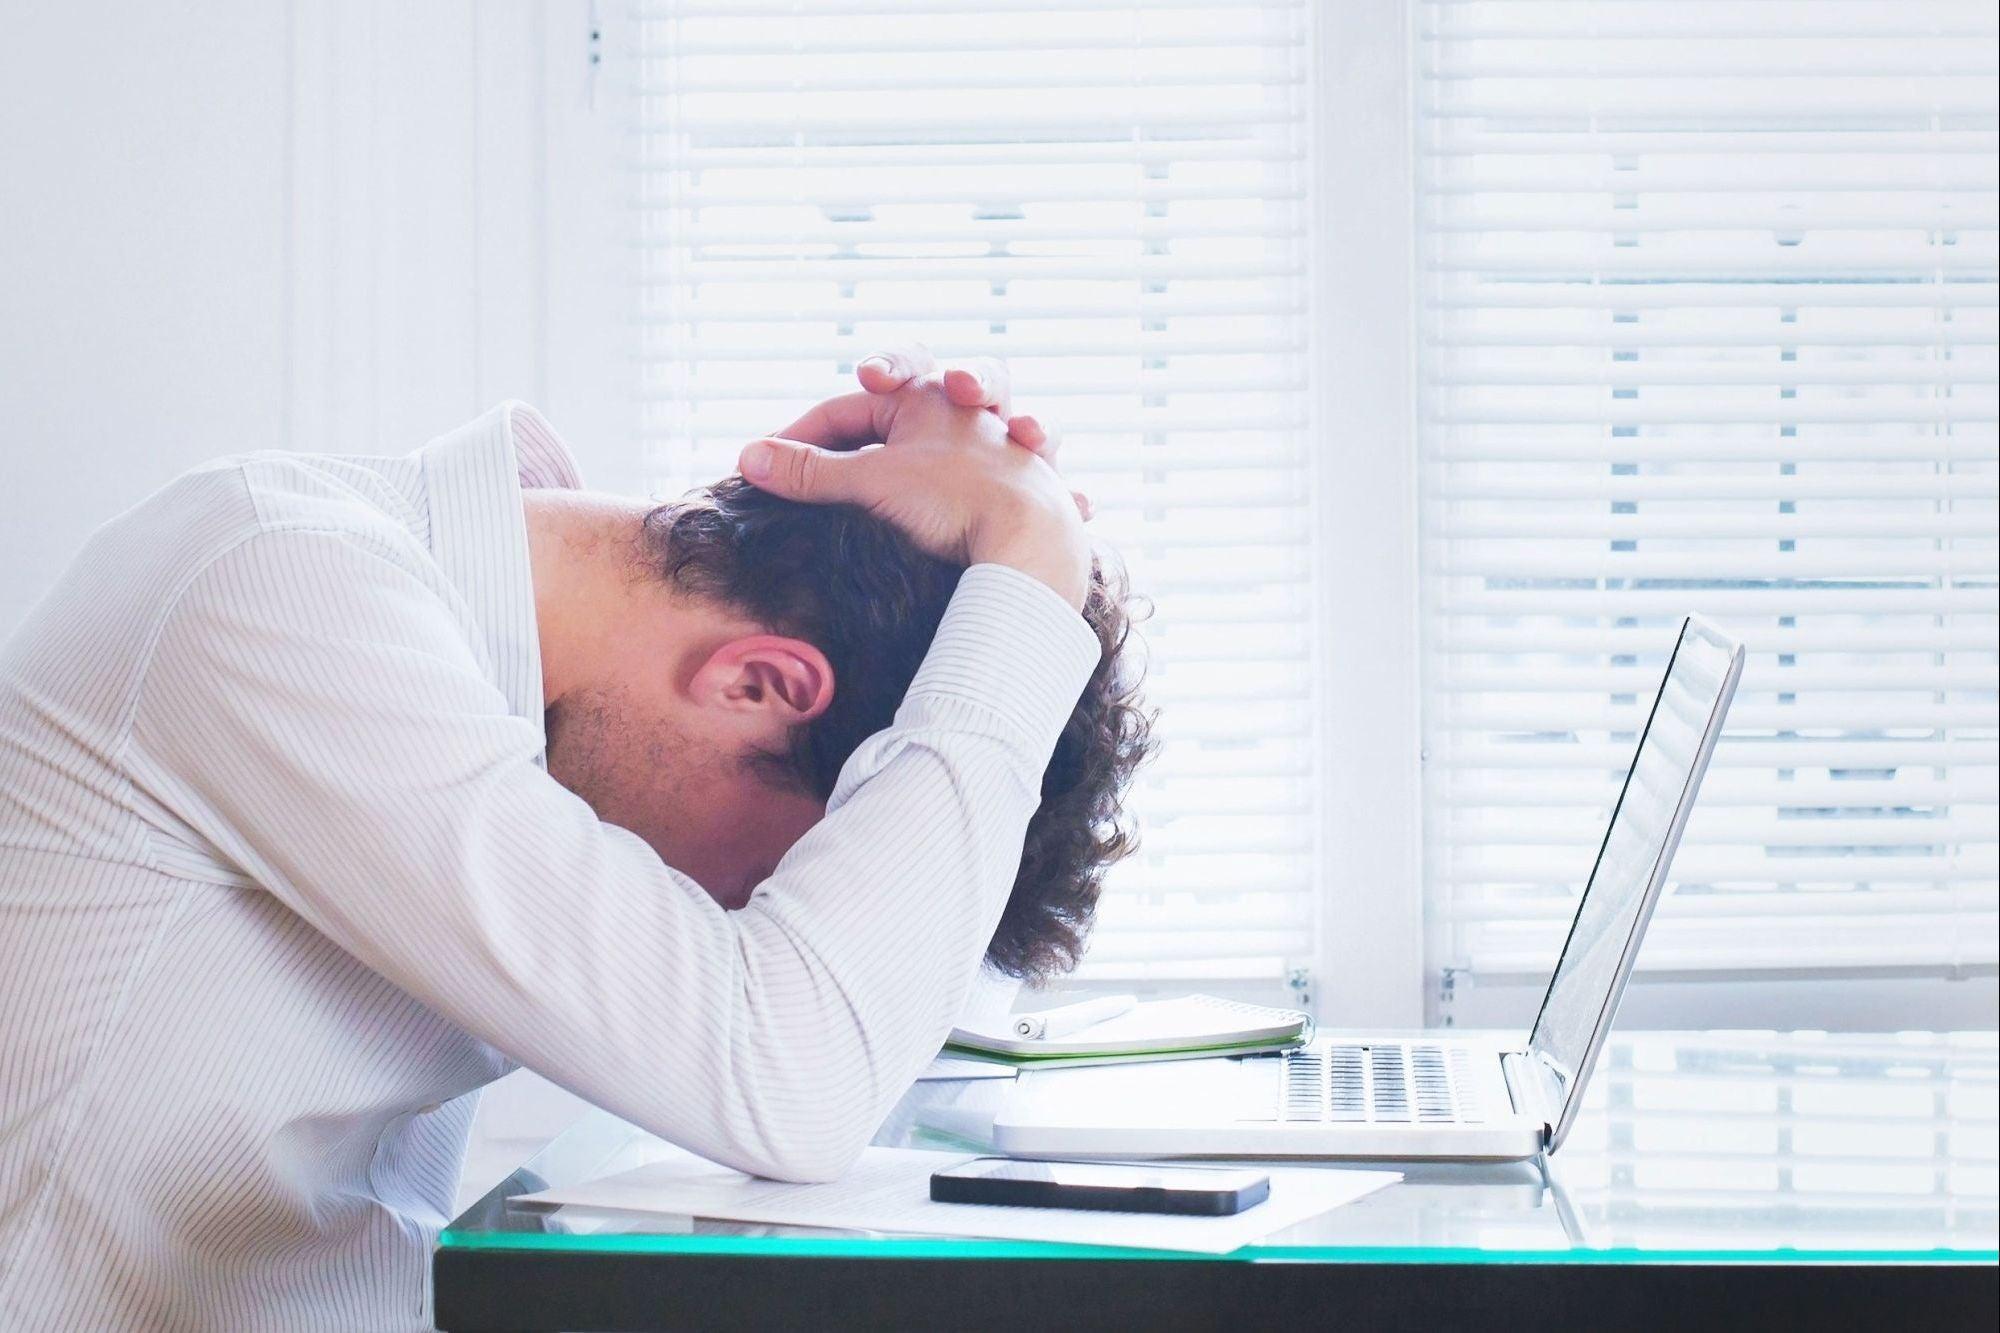 Estás viviendo el síndrome del burnout? Haz estas 3 preguntas para volverte  a enamorar de tu negocio